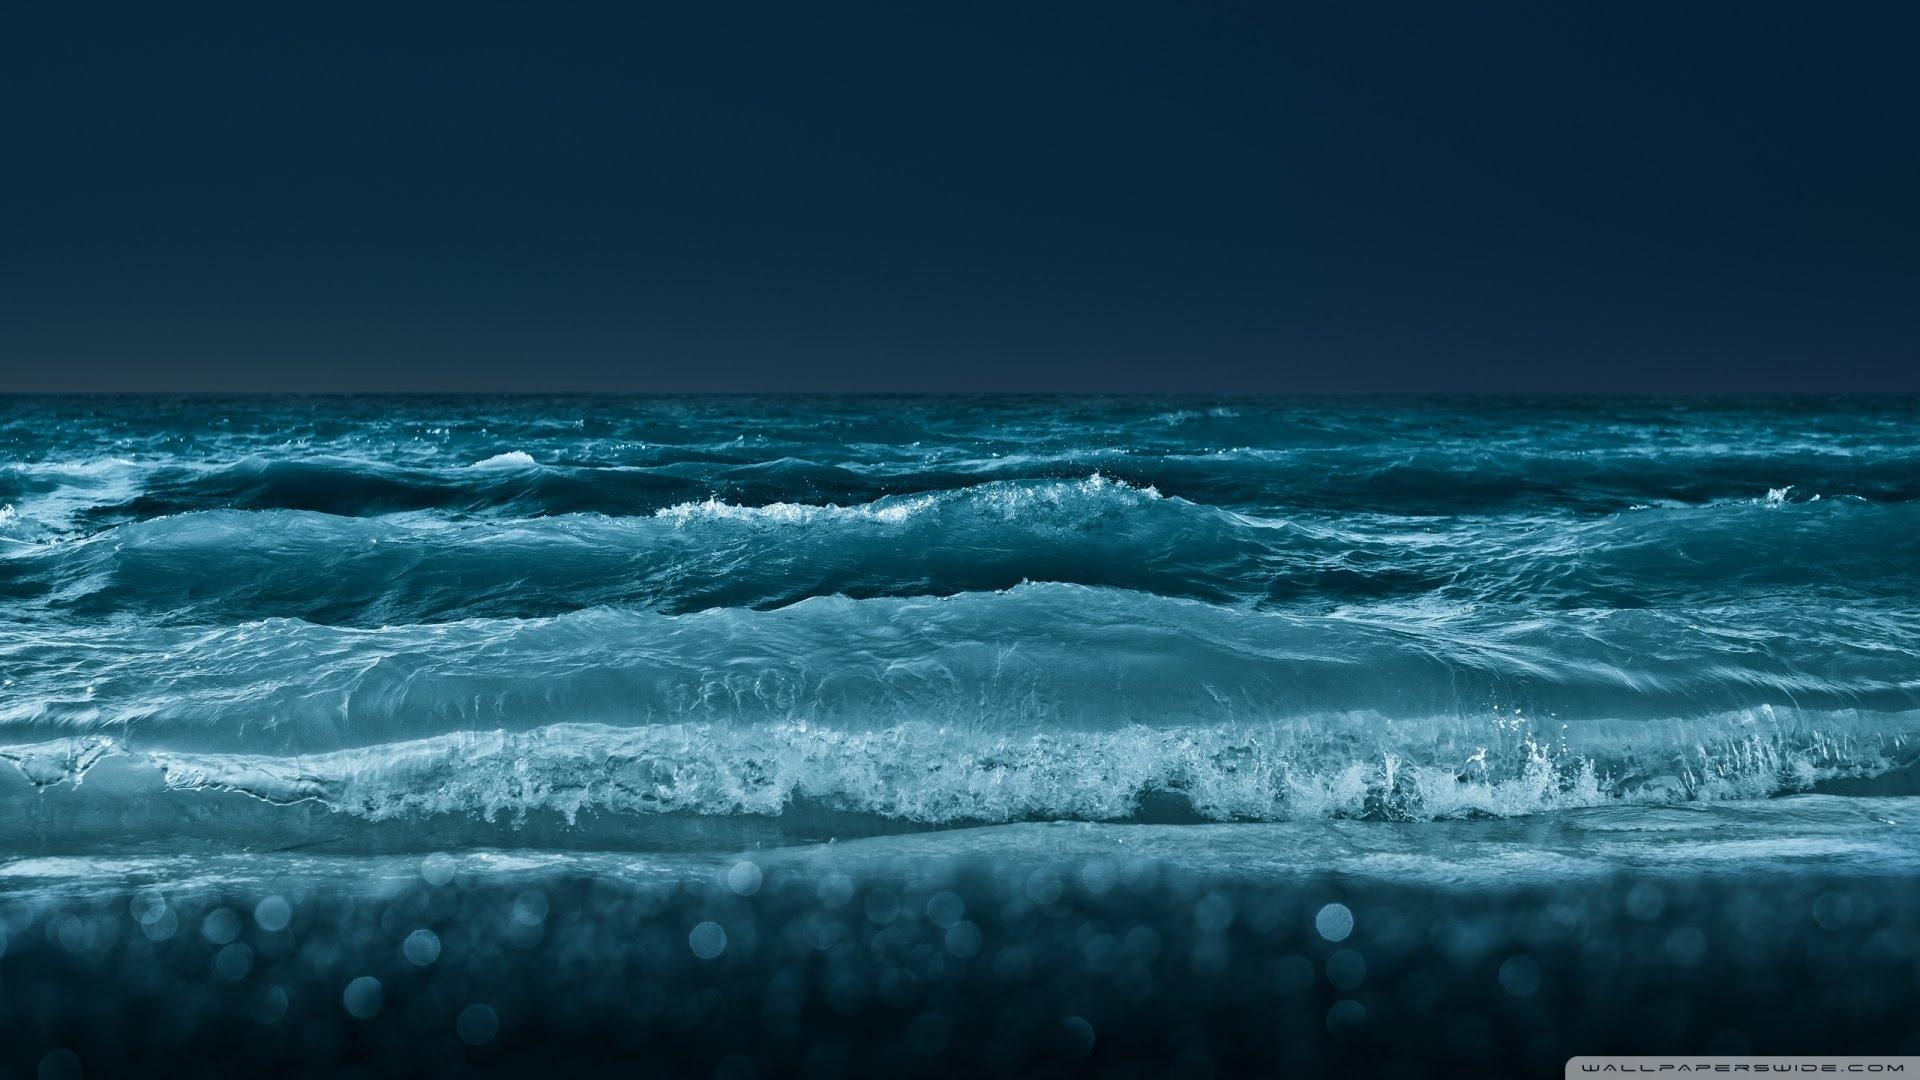 θαλασσα